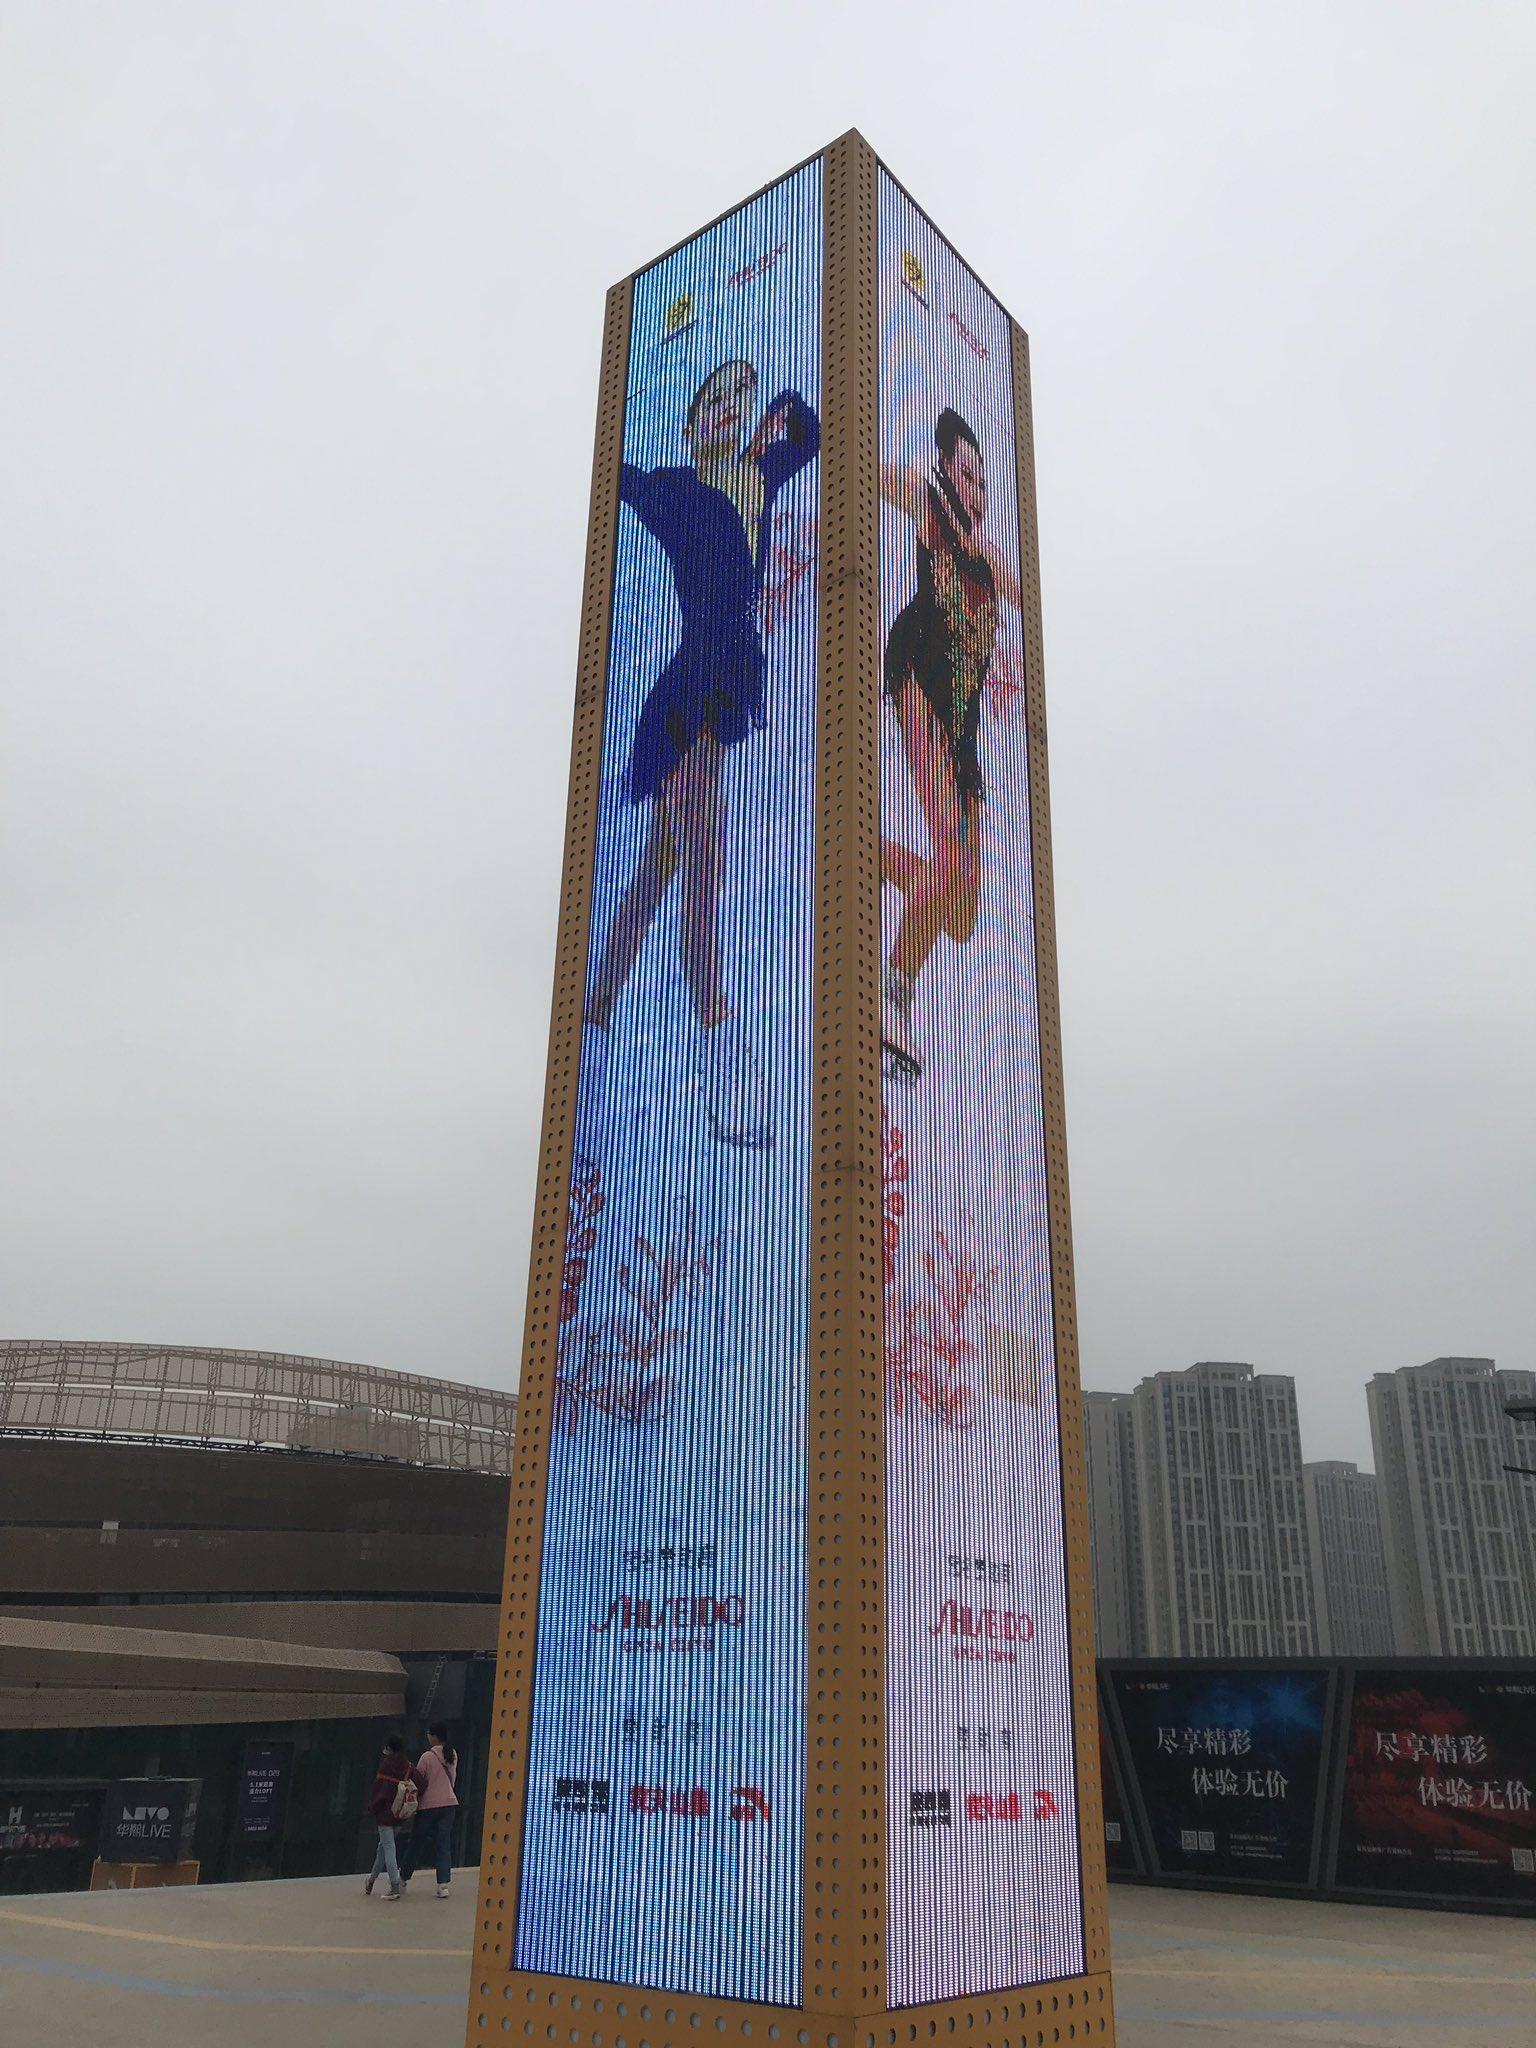 GP - 4 этап. Cup of China Chongqing / CHN November 8-10, 2019 - Страница 4 EI1GQJrU4Awmy8c?format=jpg&name=4096x4096